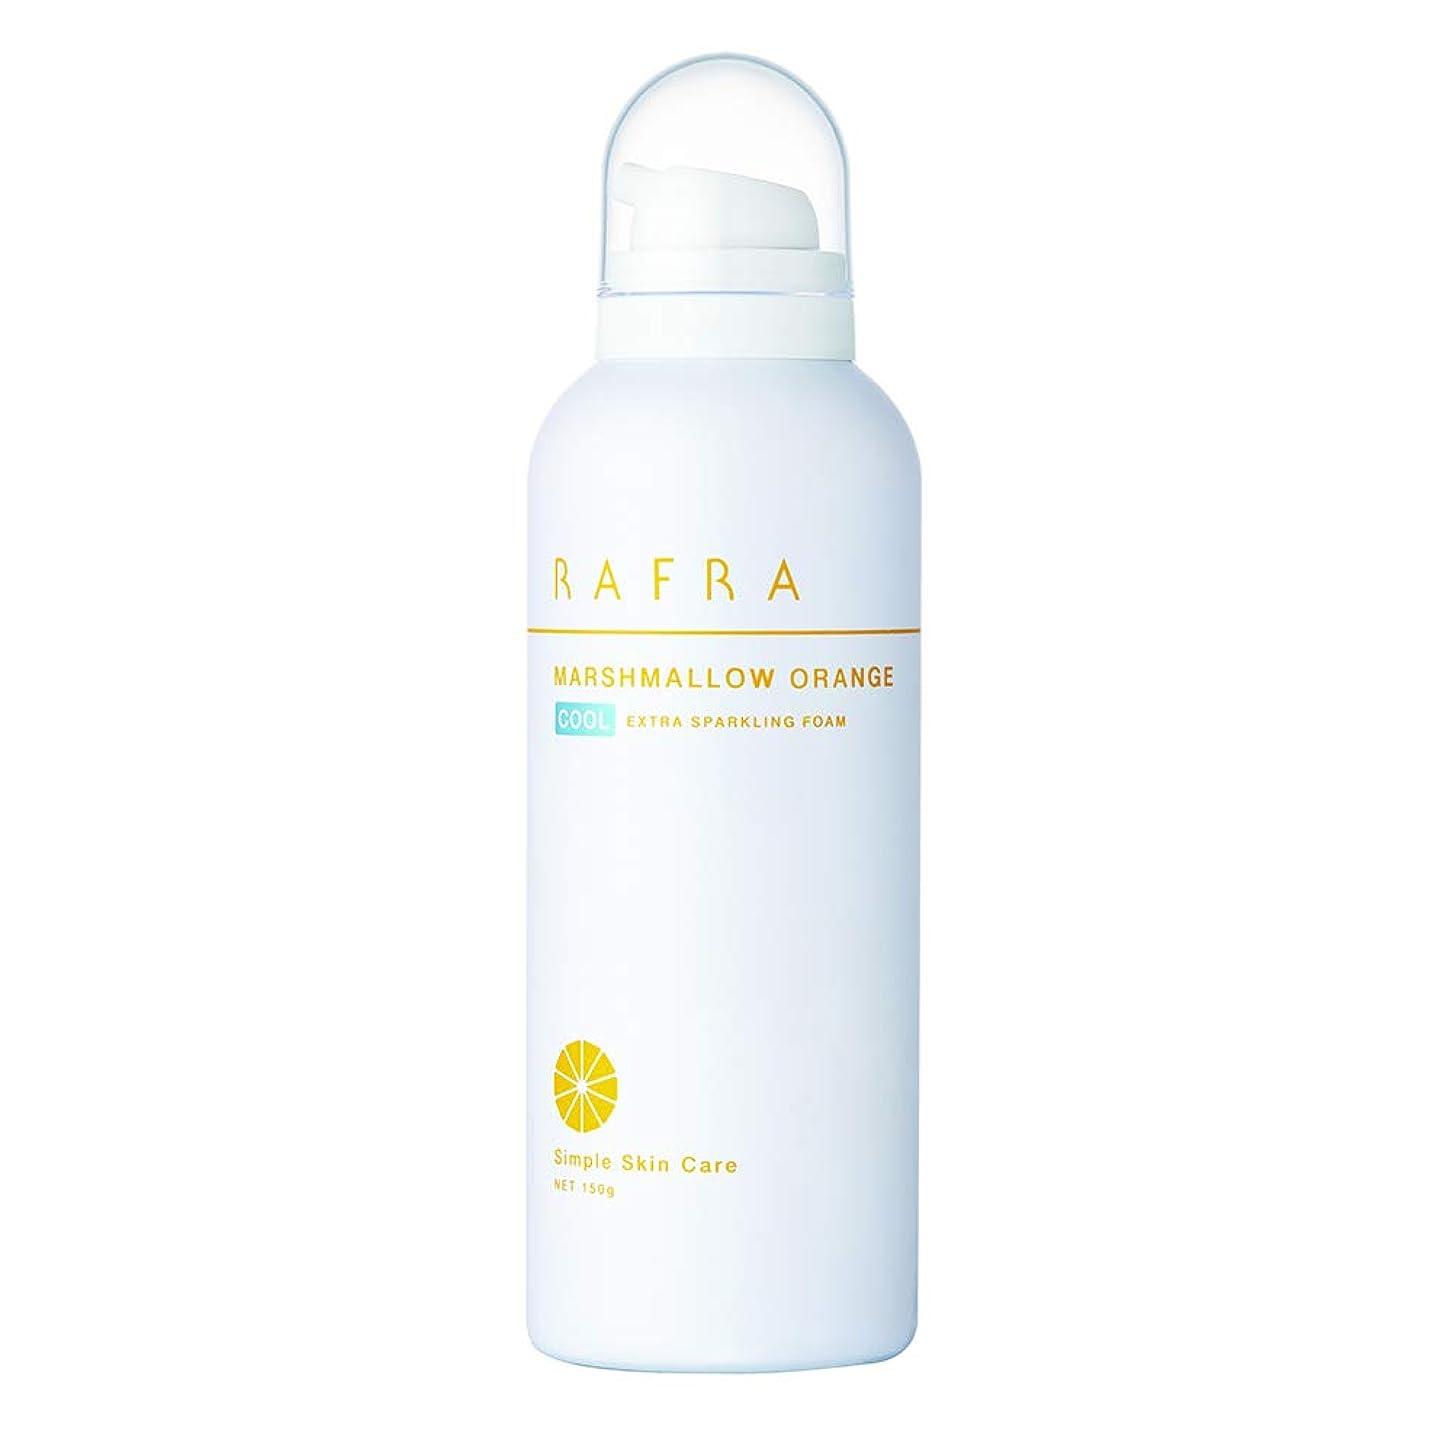 乳製品守る有力者ラフラ マシュマロオレンジ クール 150g 炭酸泡洗顔